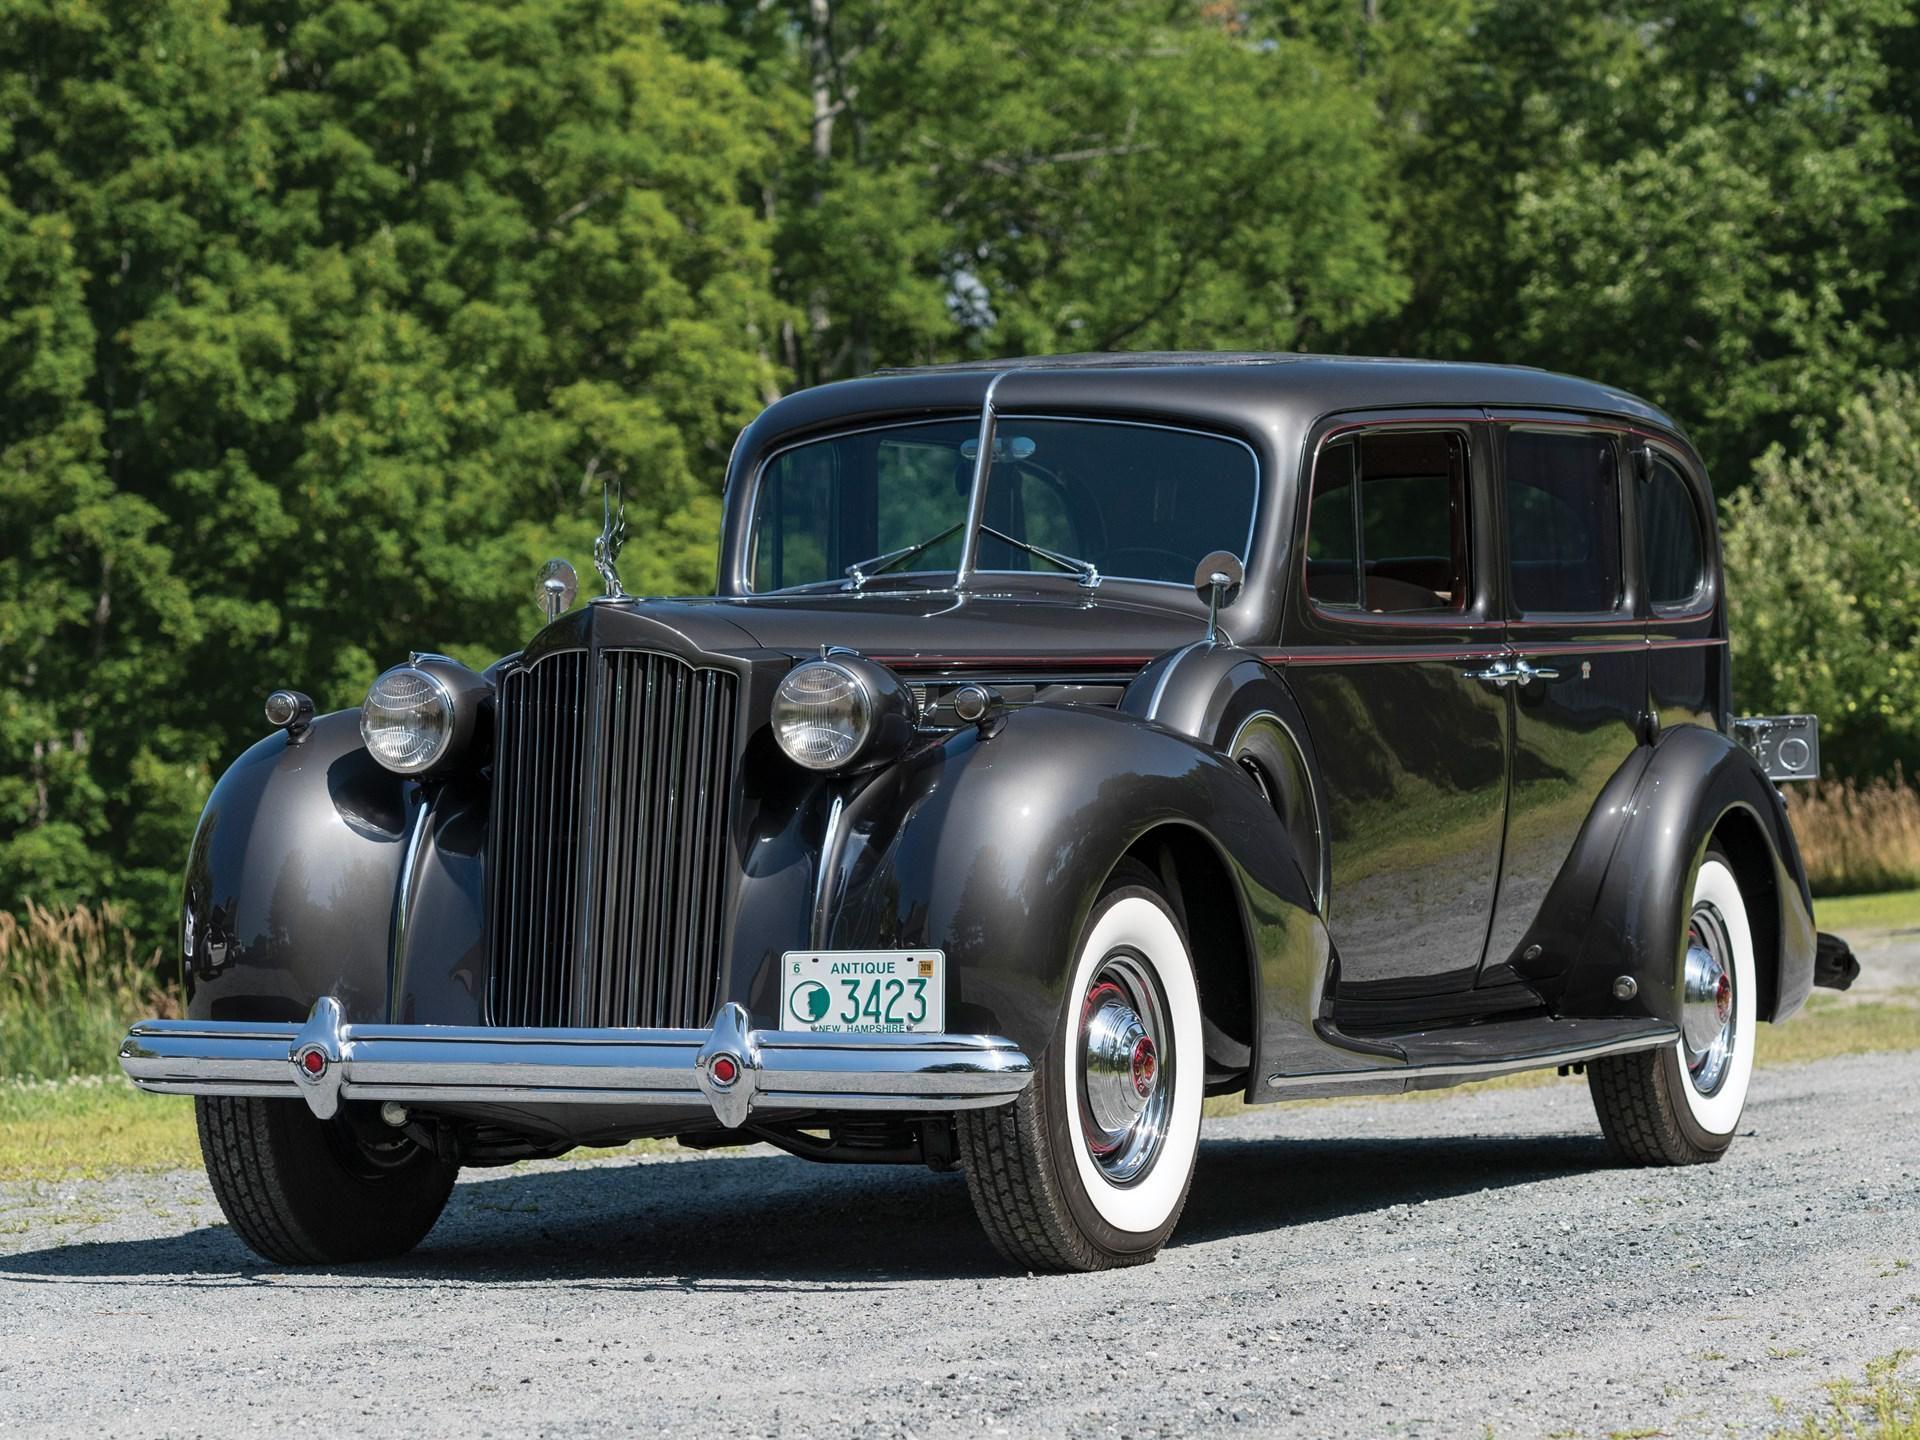 1939 Packard Twelve Seven-Passenger Touring Sedan